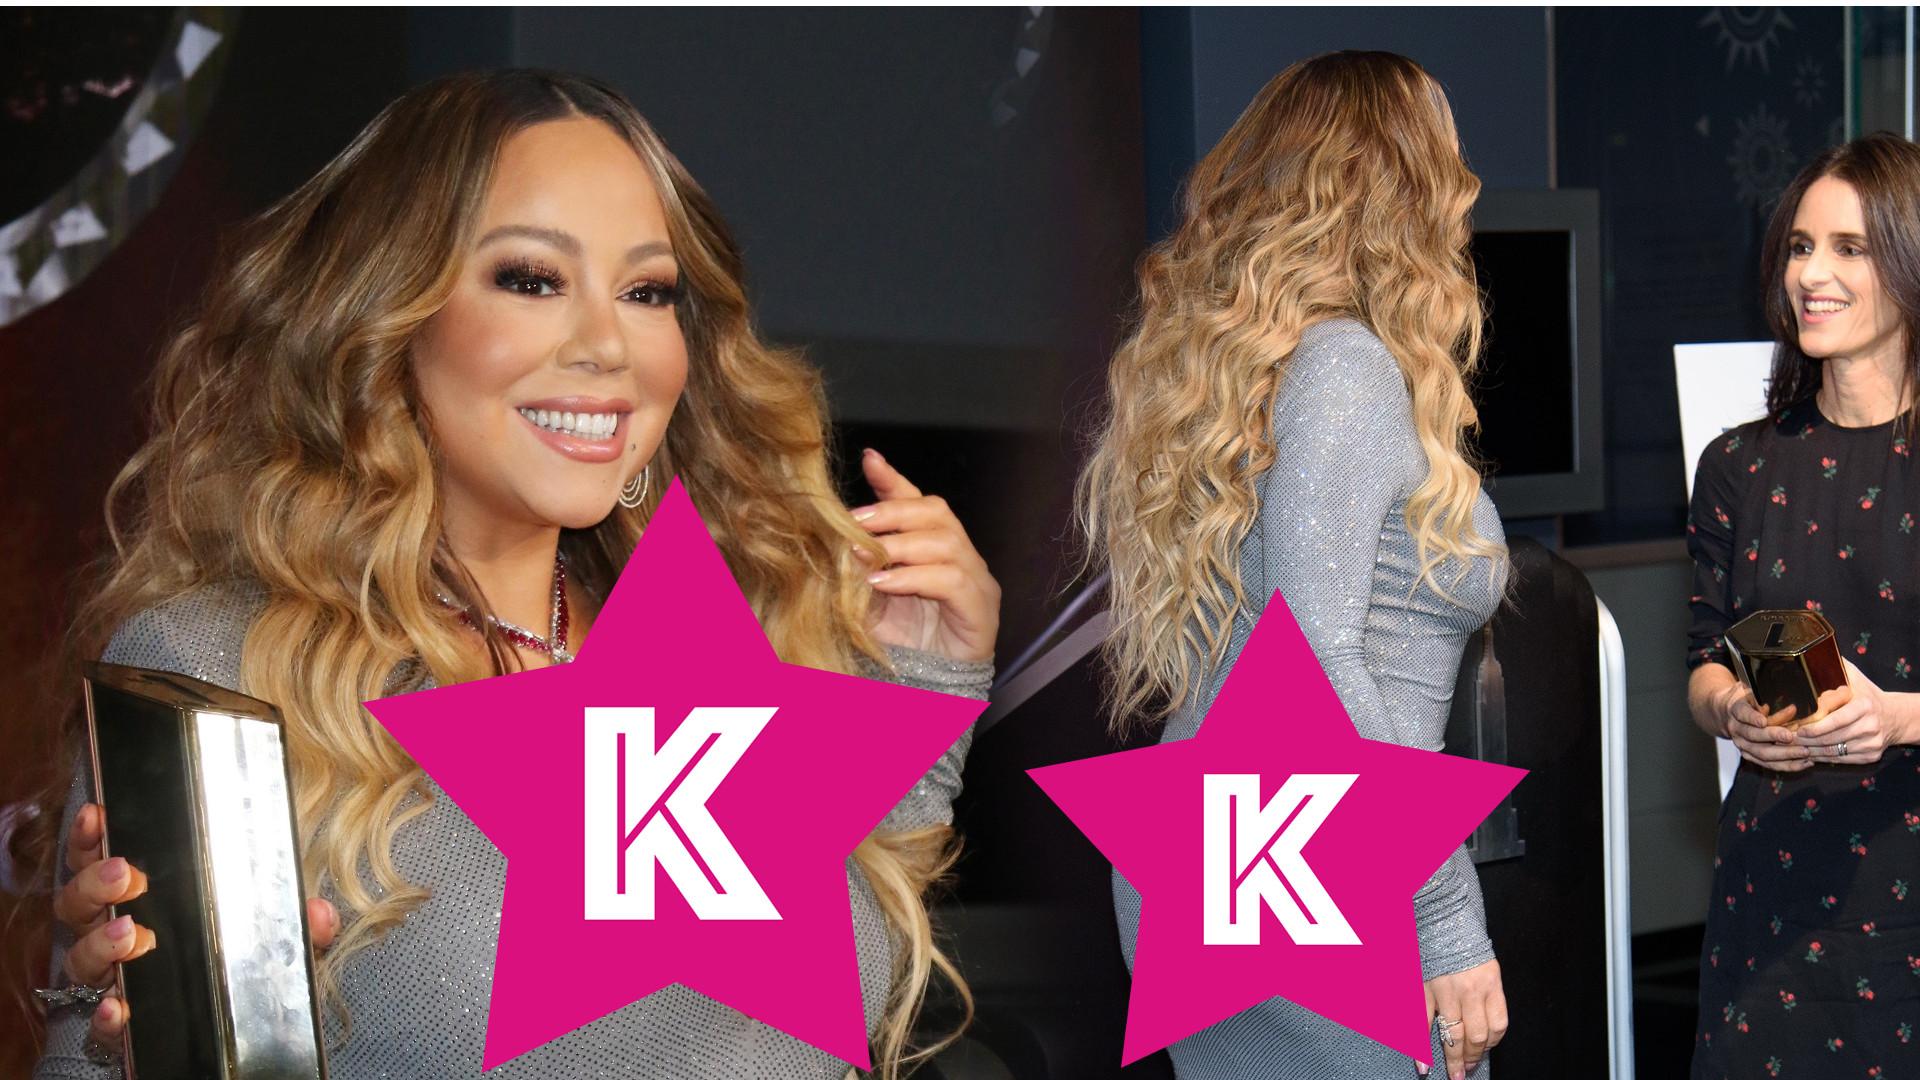 Świąteczna Mariah Carey nadal w formie. Diva postanowiła SKOPIOWAĆ styl Kim Kardashian!